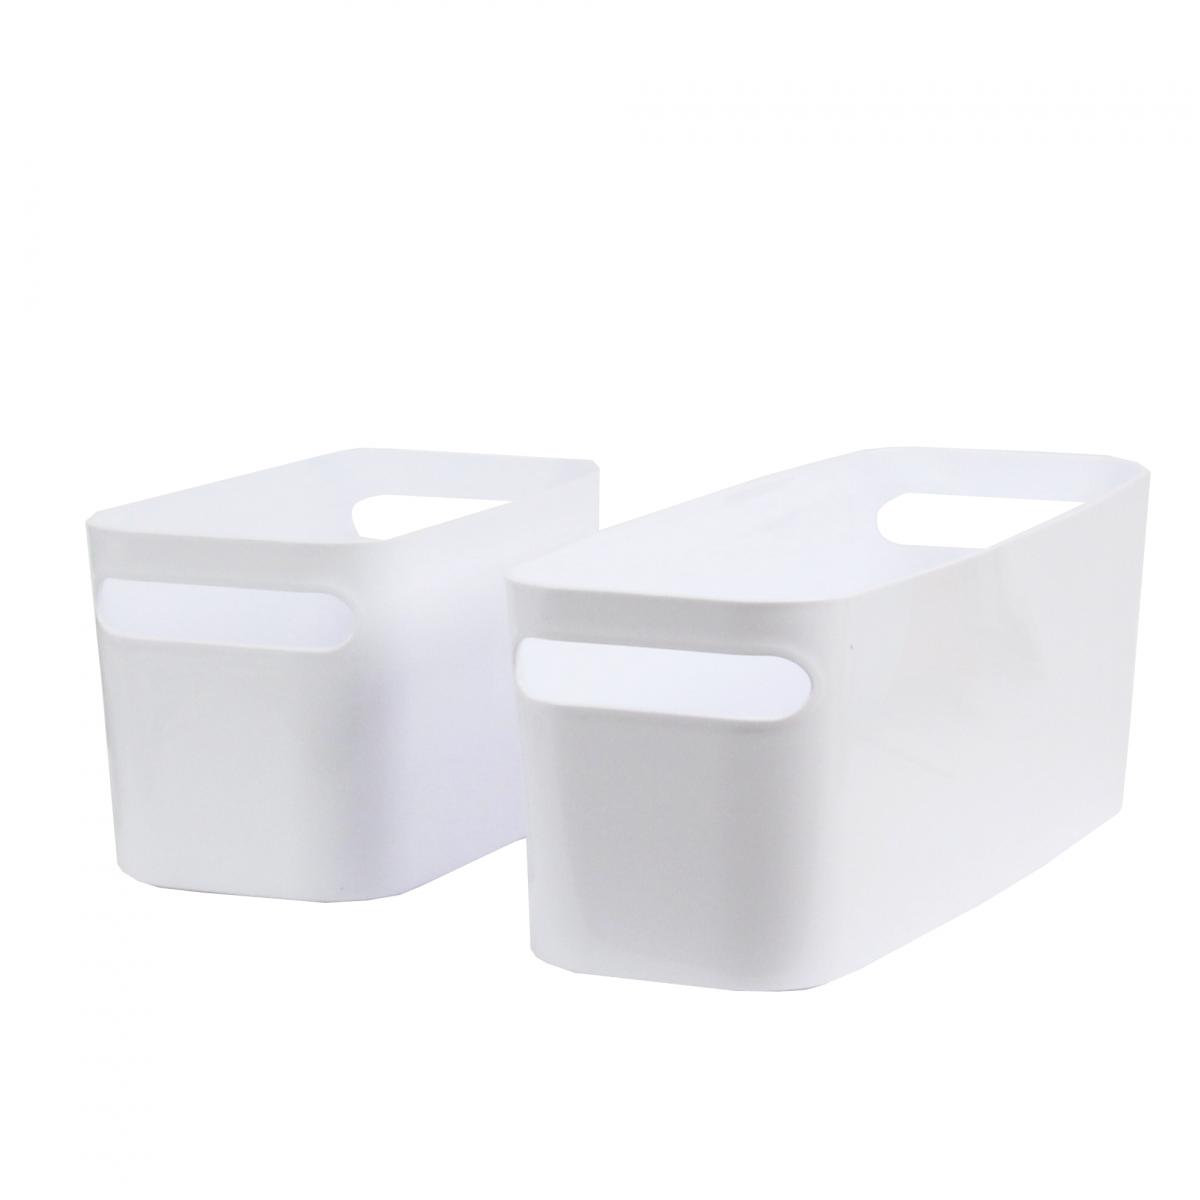 long et haut bac rectangulaire en plastique blanc brillant avec 2 poign es livraison gratuite. Black Bedroom Furniture Sets. Home Design Ideas